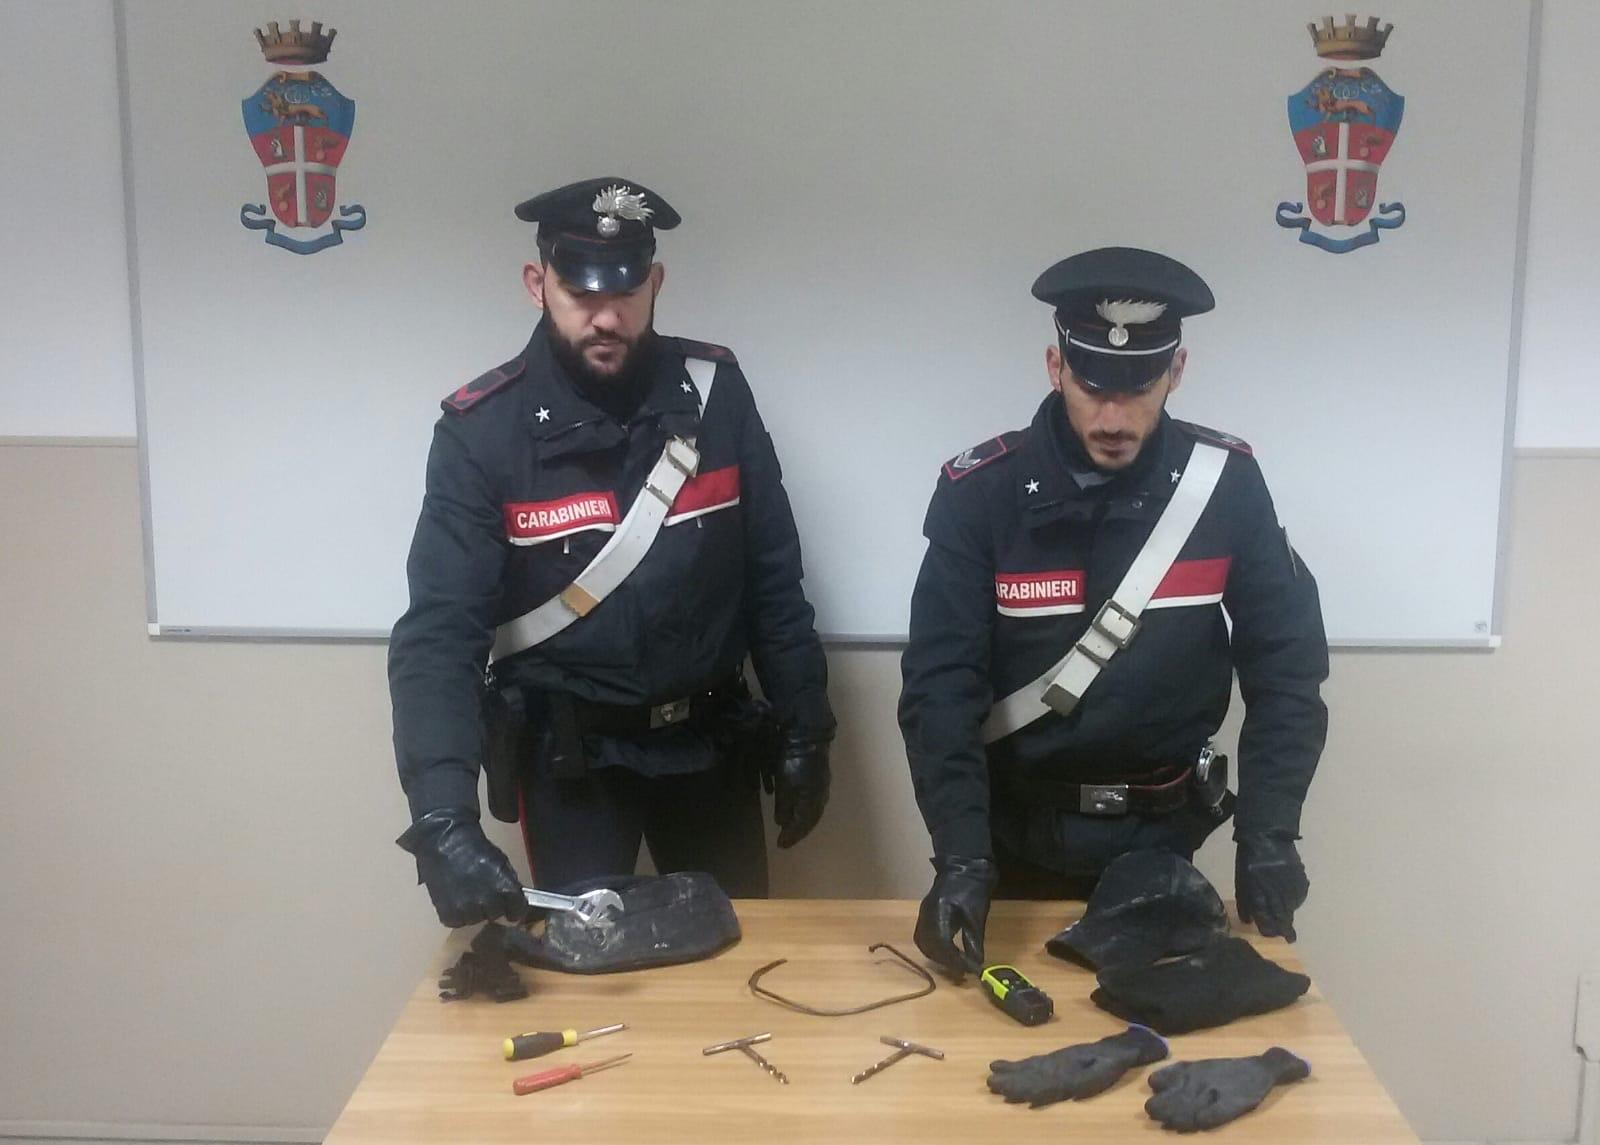 FELETTO - Furti nelle case, inseguimento dei carabinieri: un malvivente arrestato. I complici in fuga